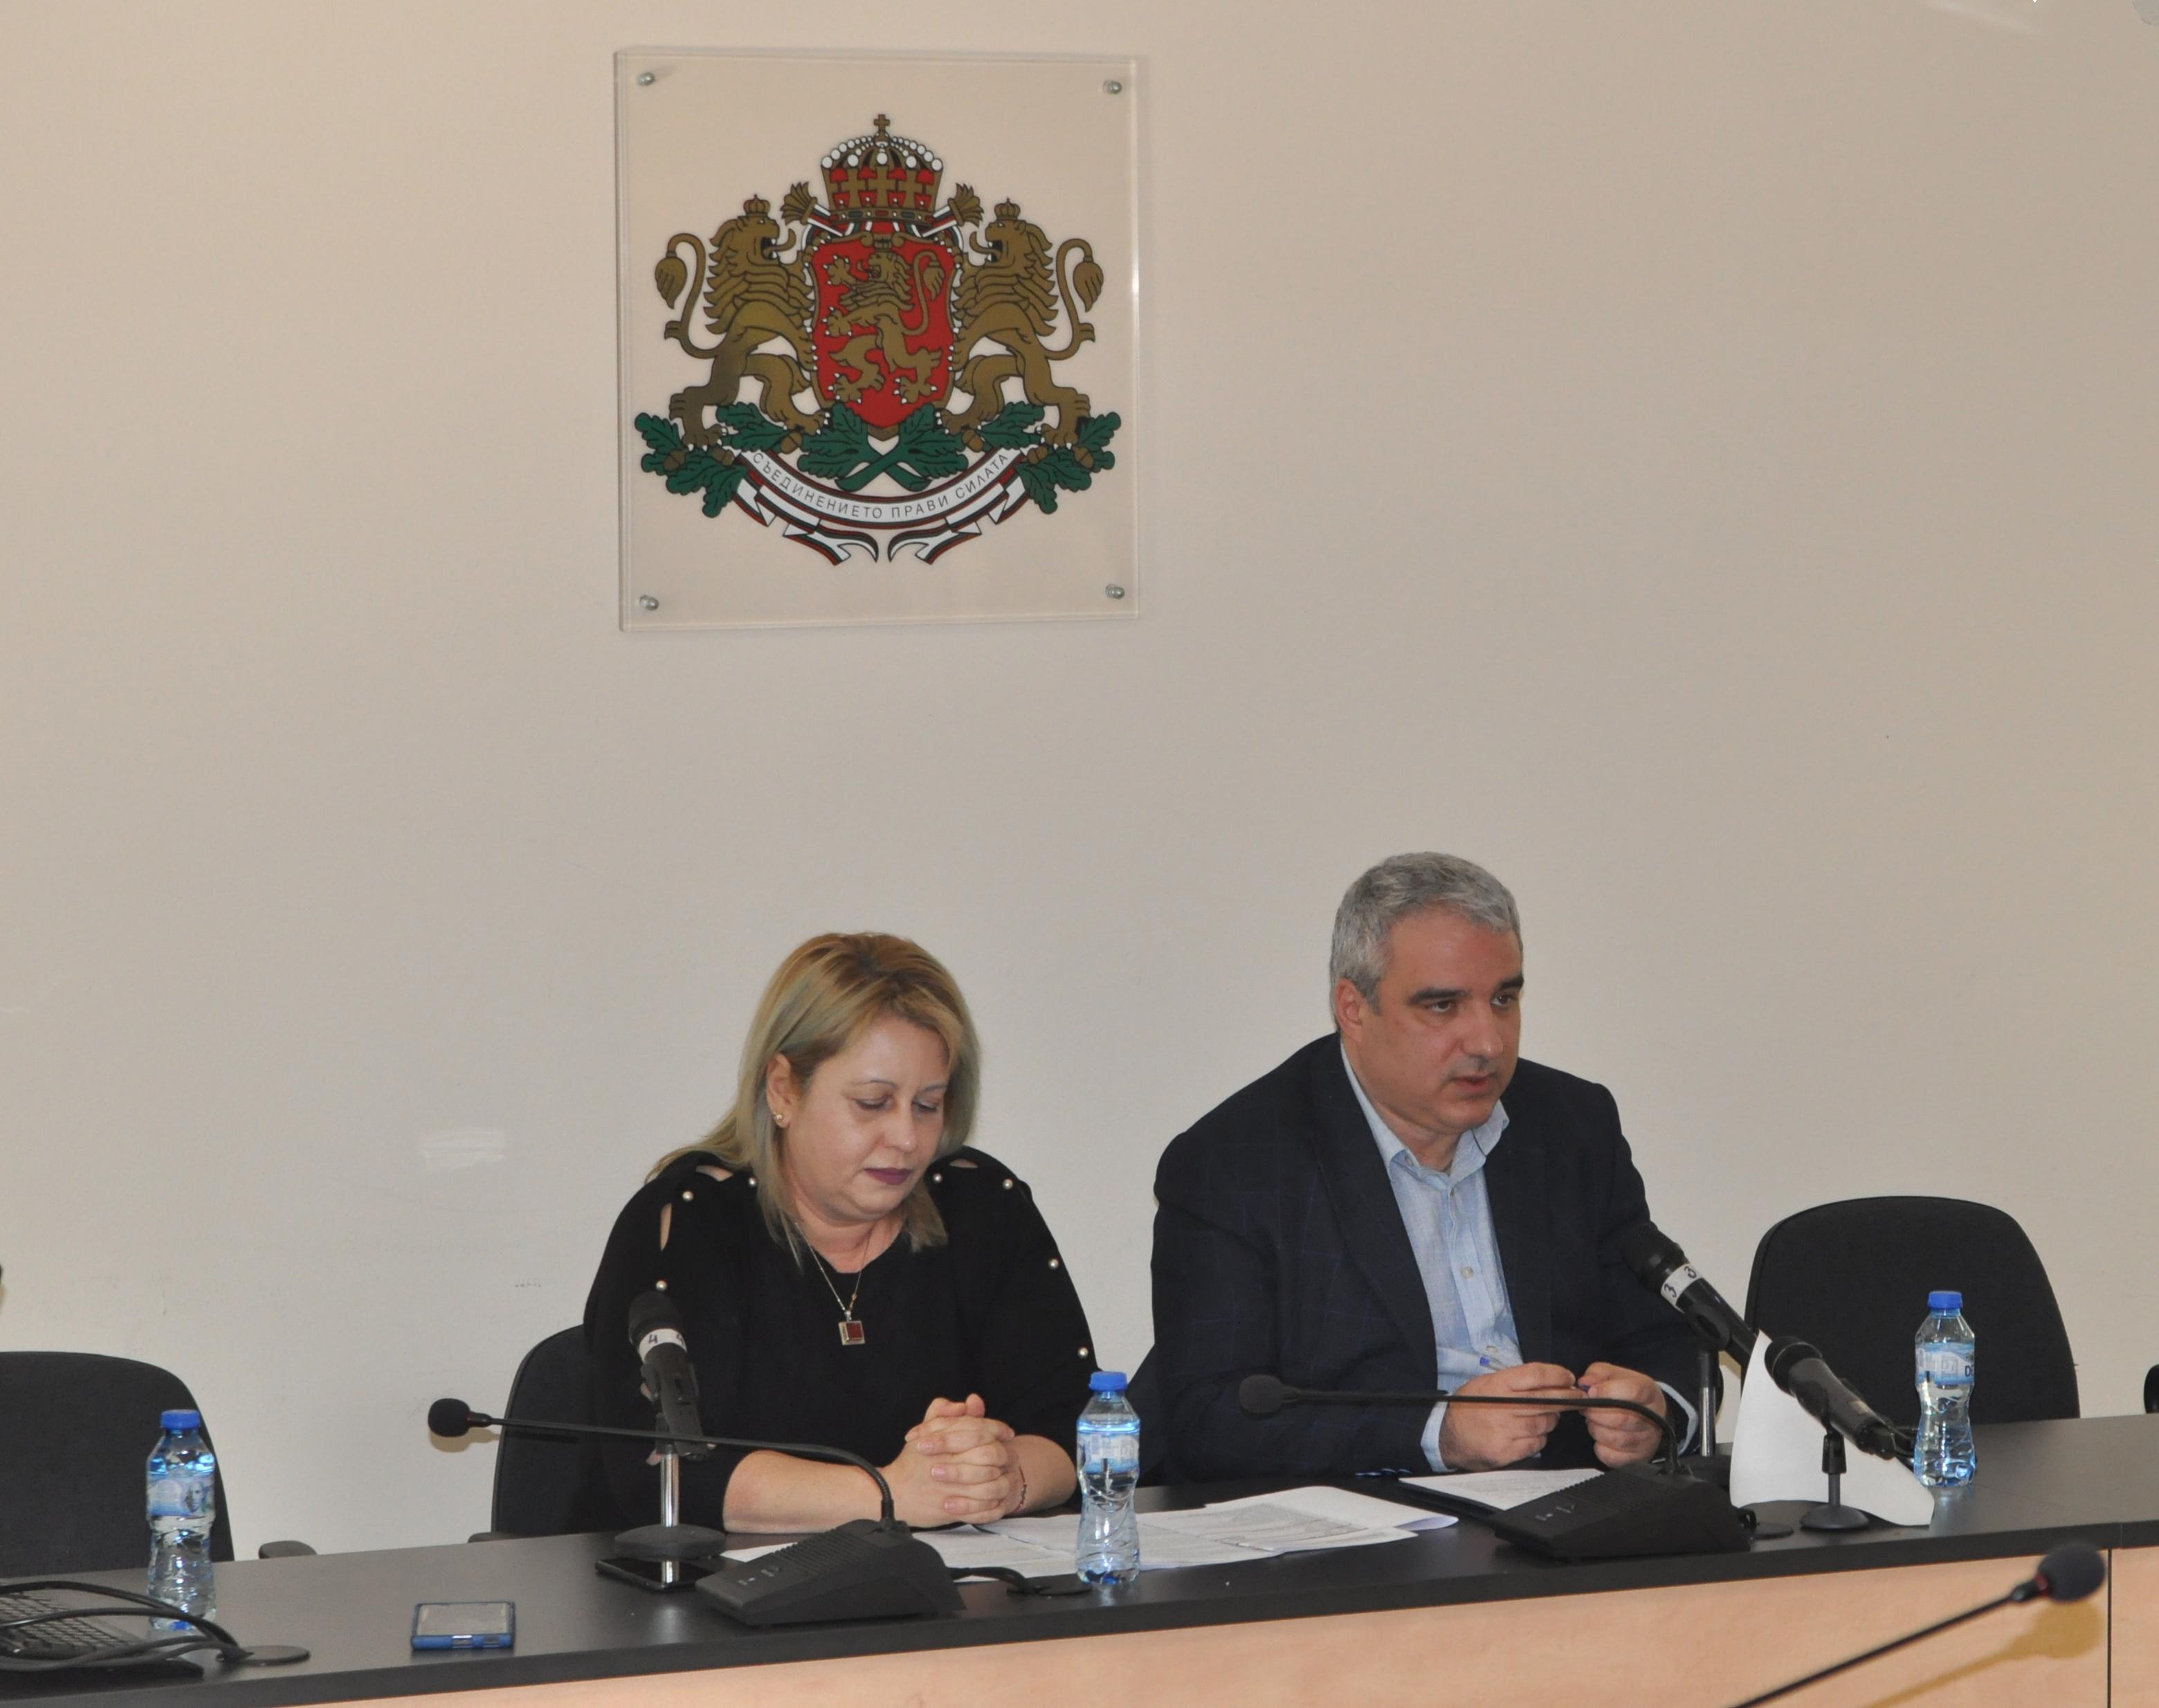 Обществено обсъждане за бюджет 2019 в Несебър